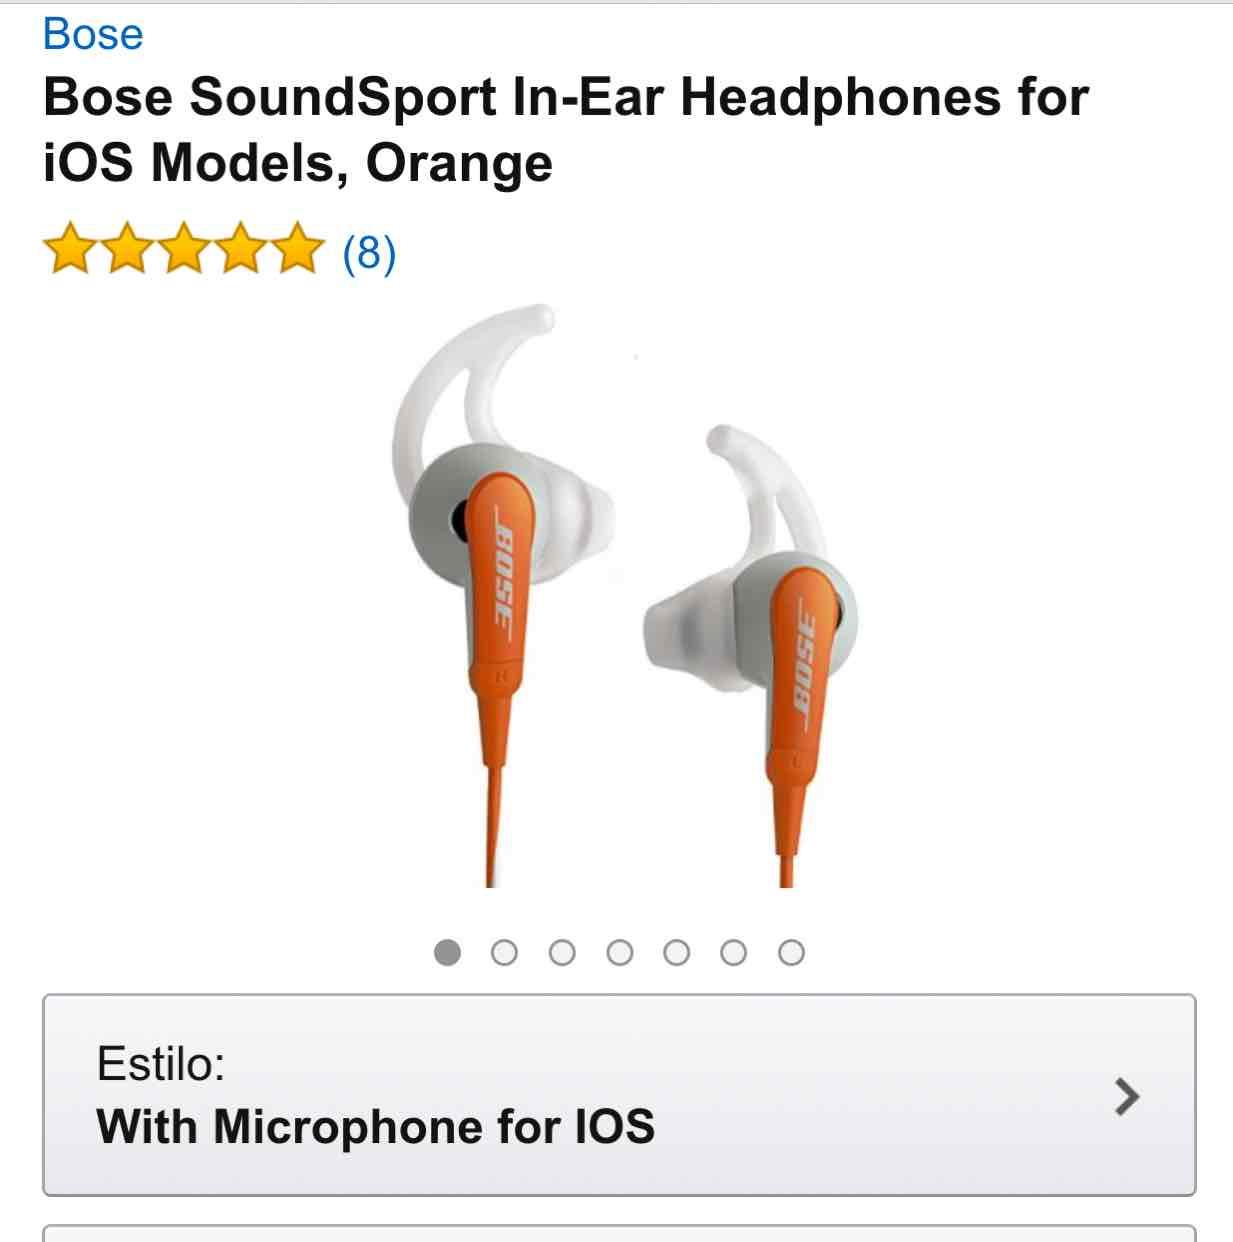 Amazon MX: Audífonos Bose para corredores modelo 717534-0020 a $1,714